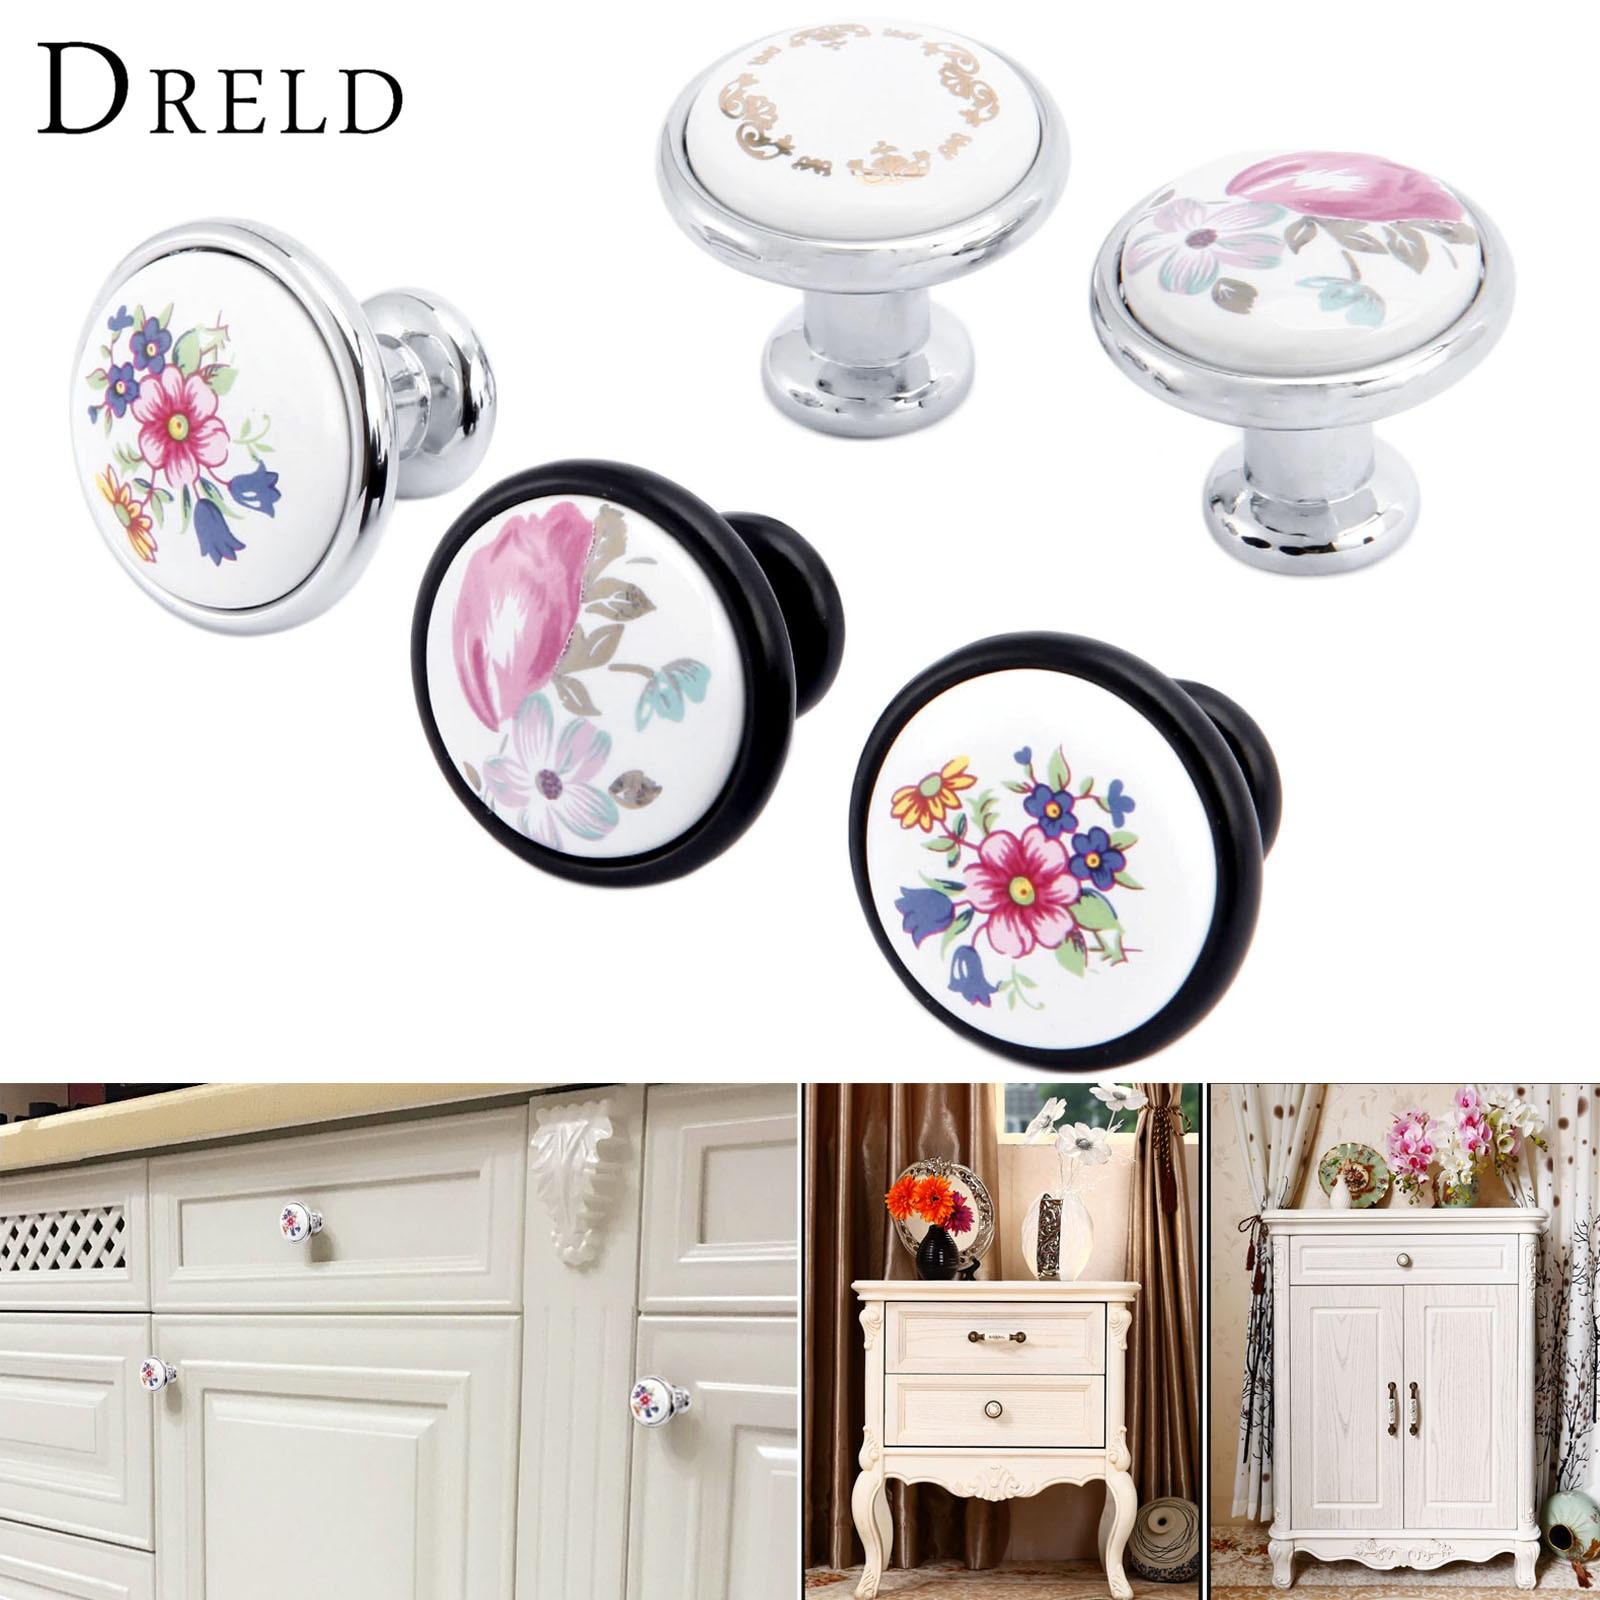 online buy wholesale bedroom furniture handles from china bedroom furniture handles wholesalers. Black Bedroom Furniture Sets. Home Design Ideas